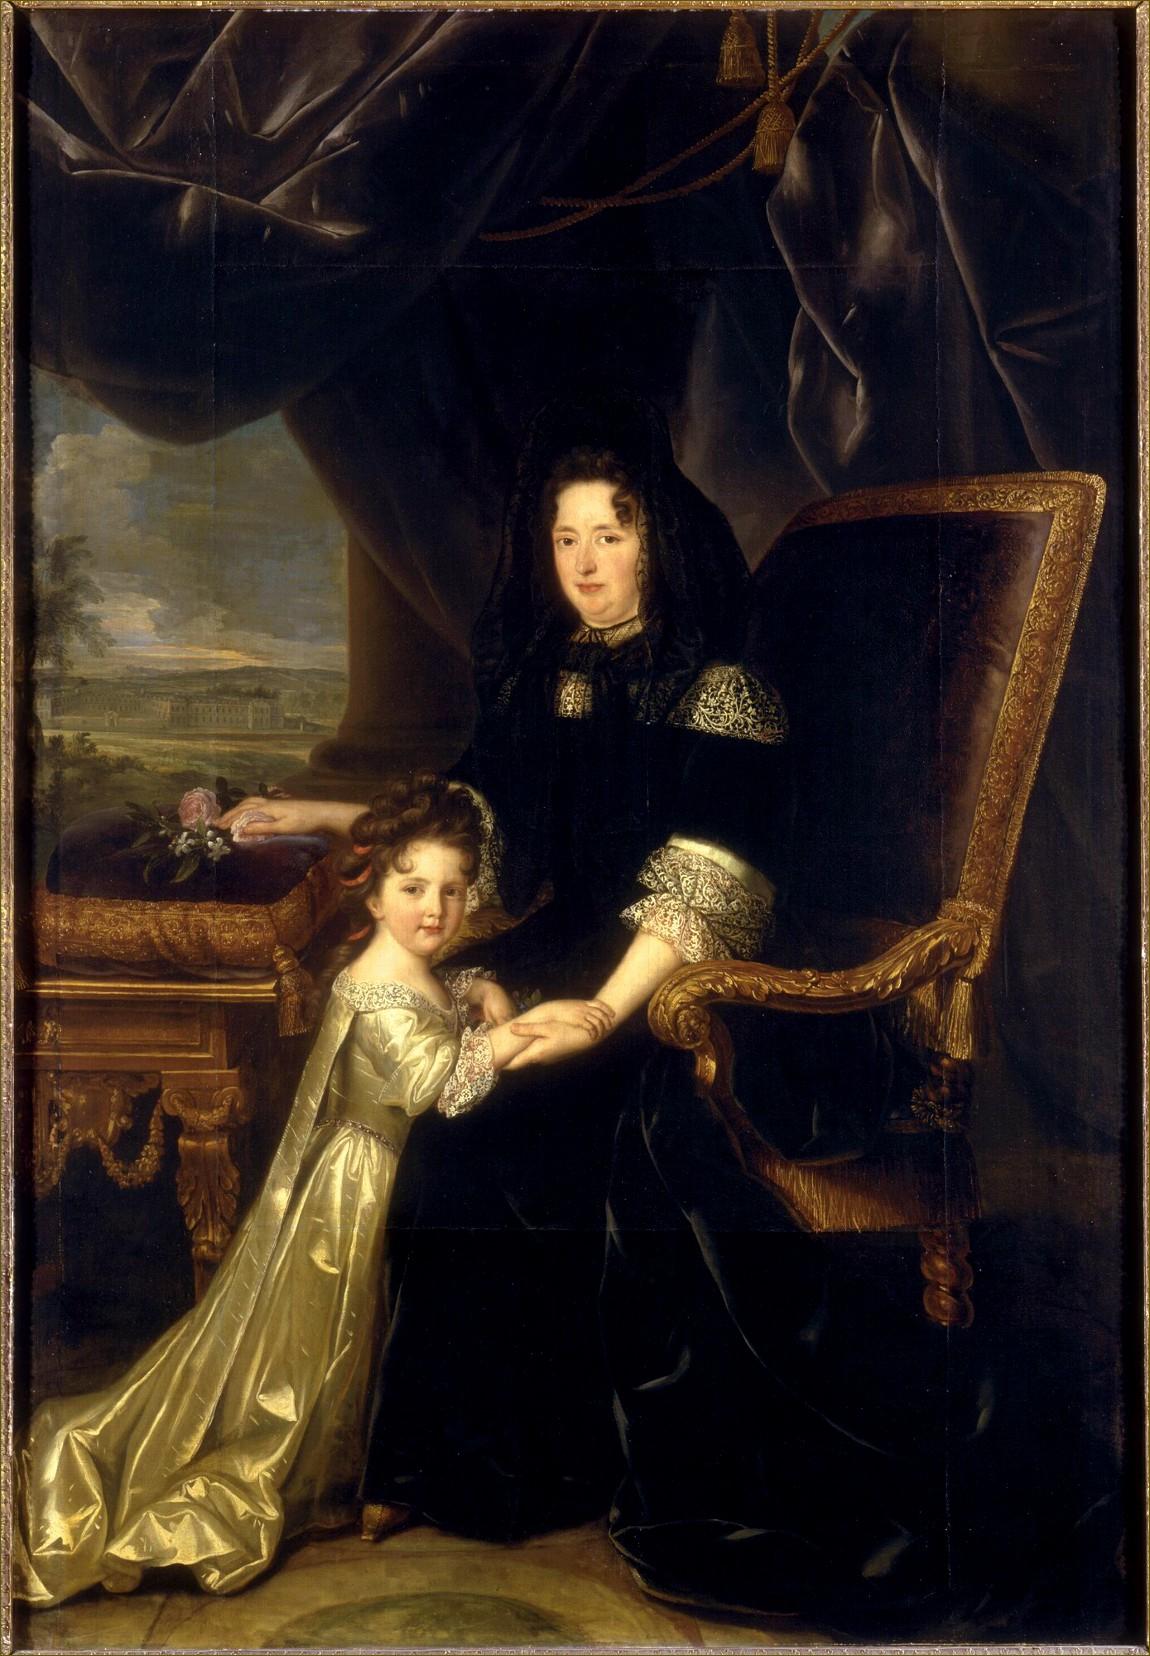 Françoise d'Aubigné, marquise de Maintenon, épouse secrète de Louis XIV, roi de France, avec sa nièce Charlotte-Amable d'Aubigné, future duchesse de Noailles, par Elle